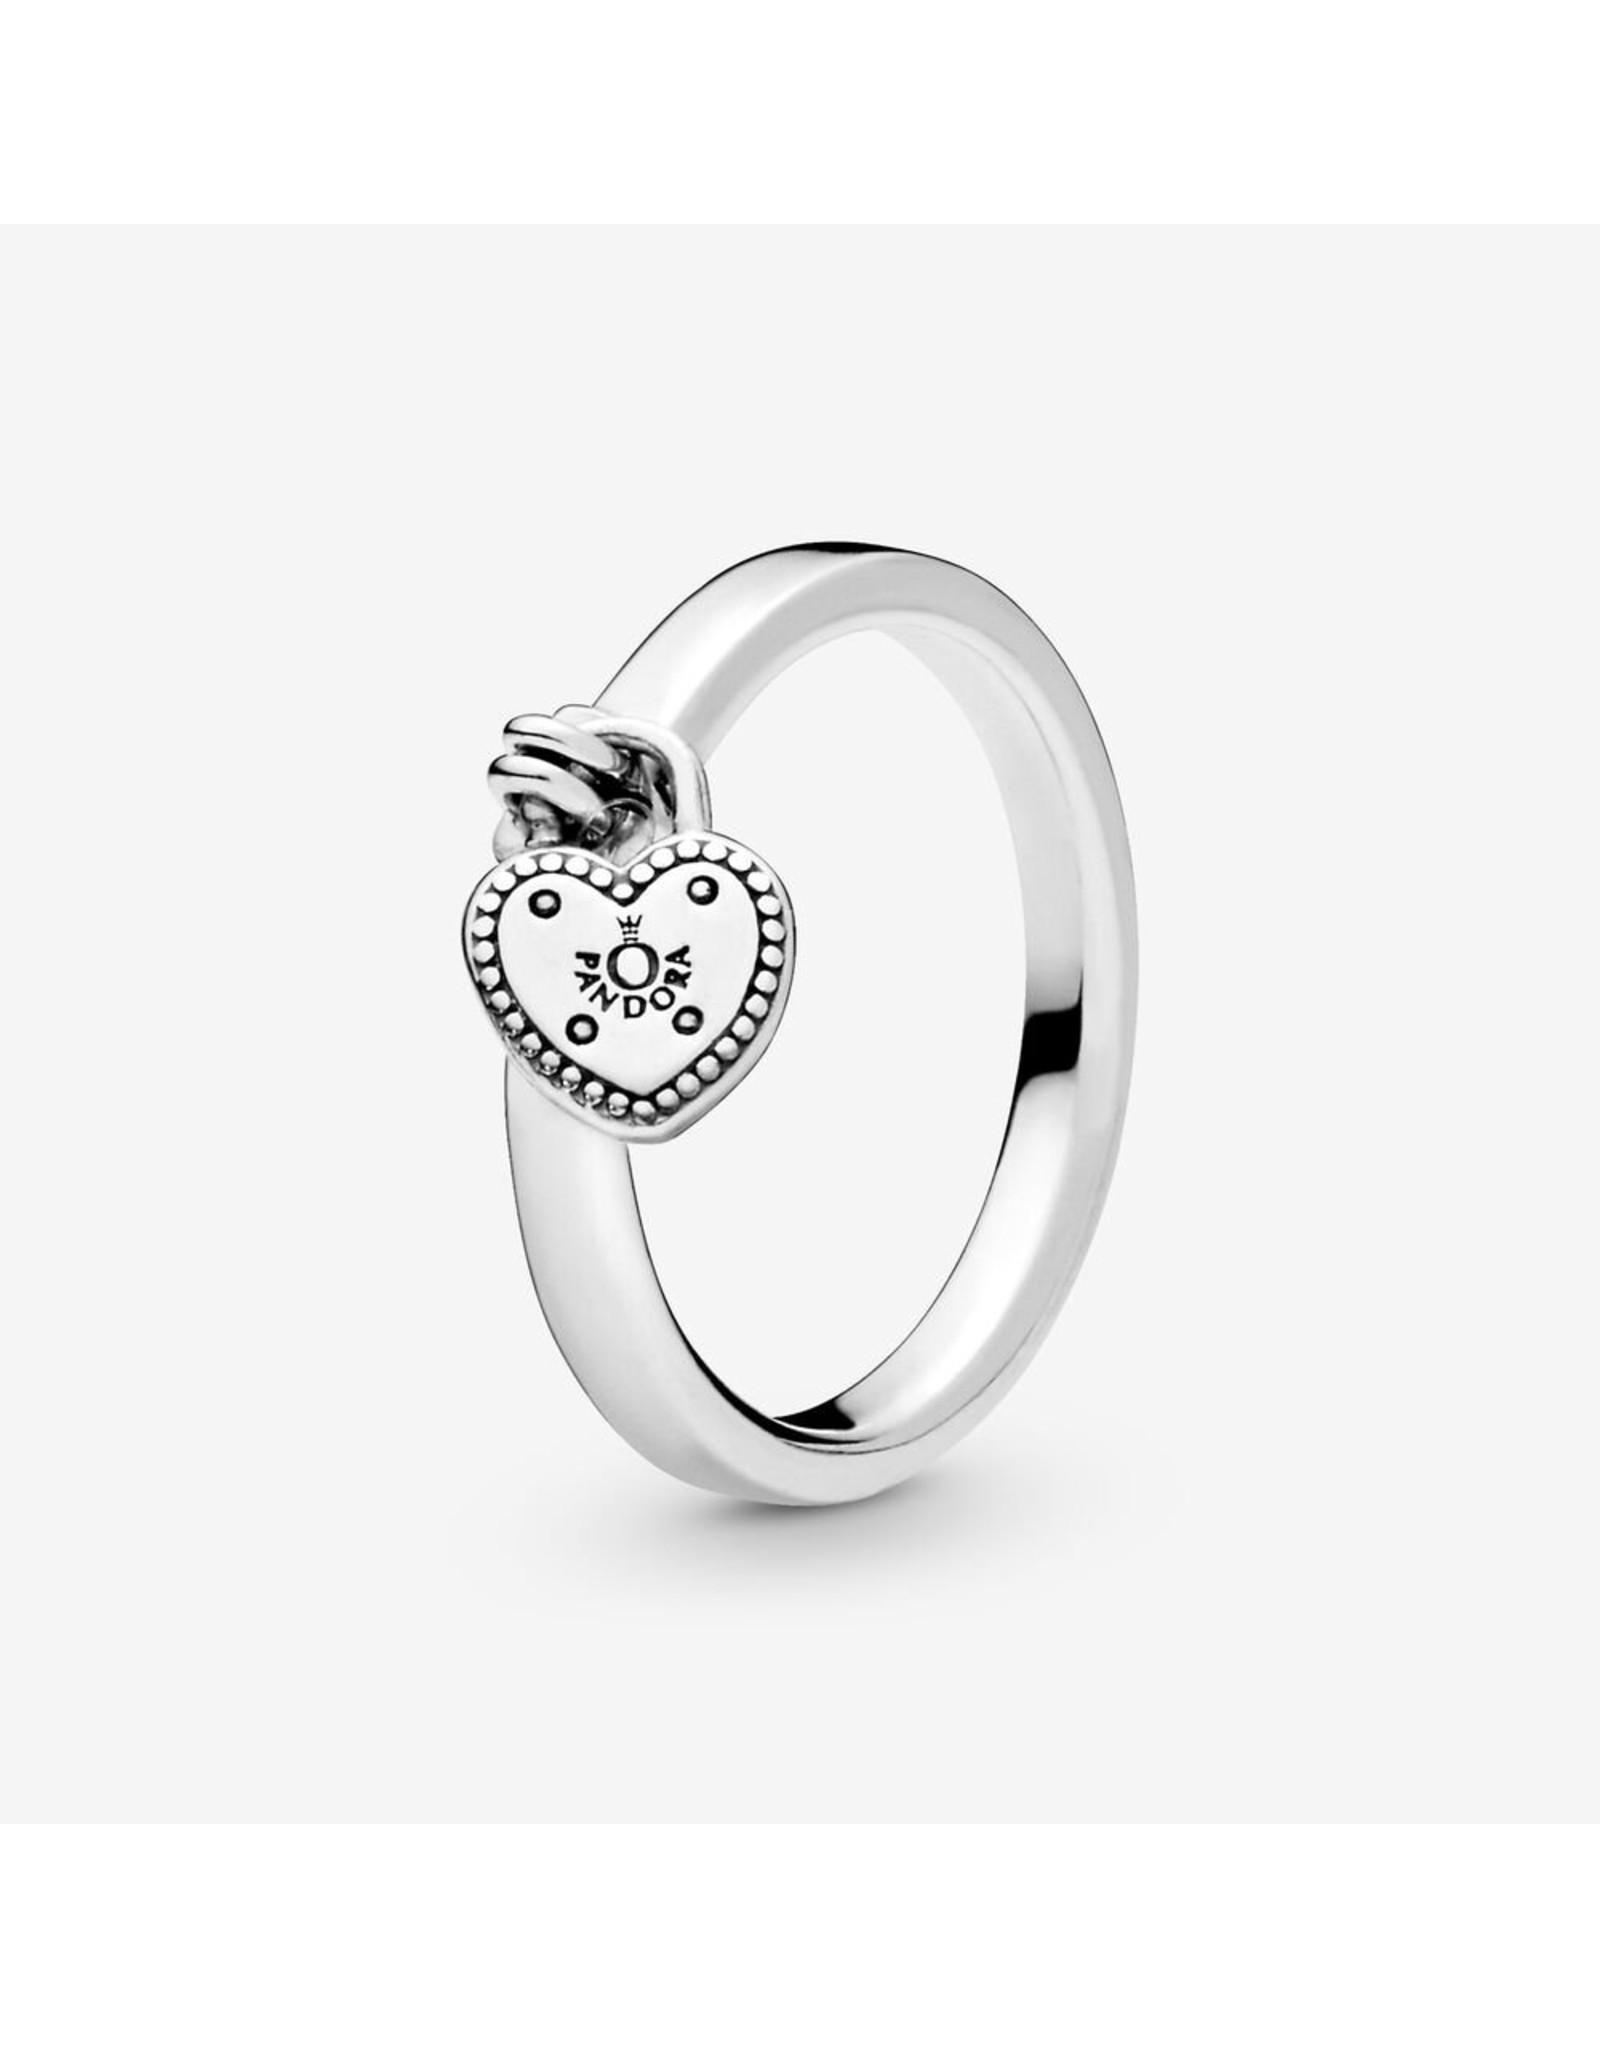 Pandora Pandora Ring, Love Lock